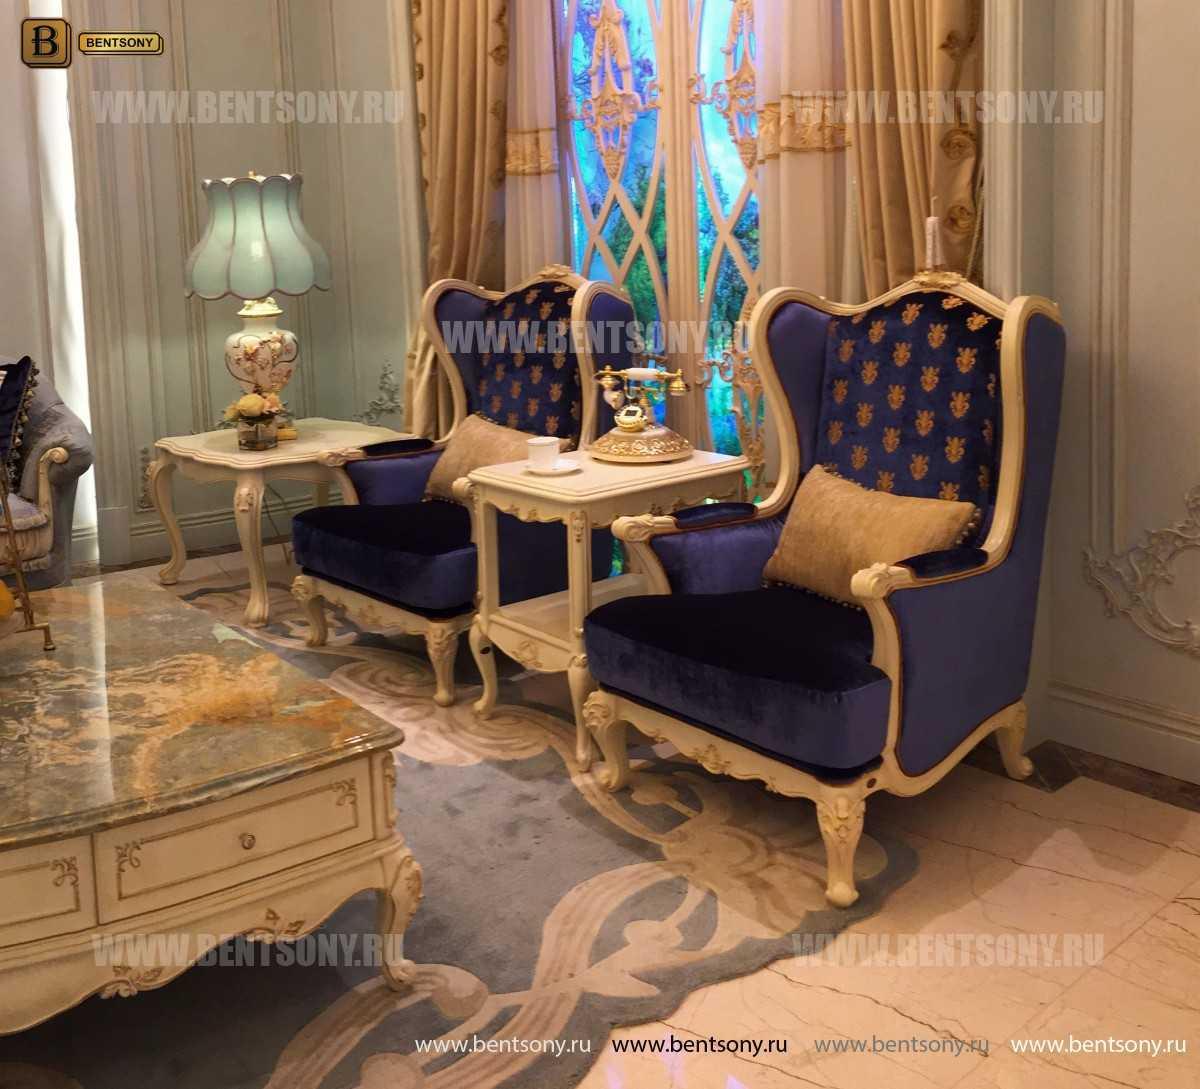 Кресло для отдыха Митчел с подушкой, Пуф (Классика, Ткань) интернет магазин